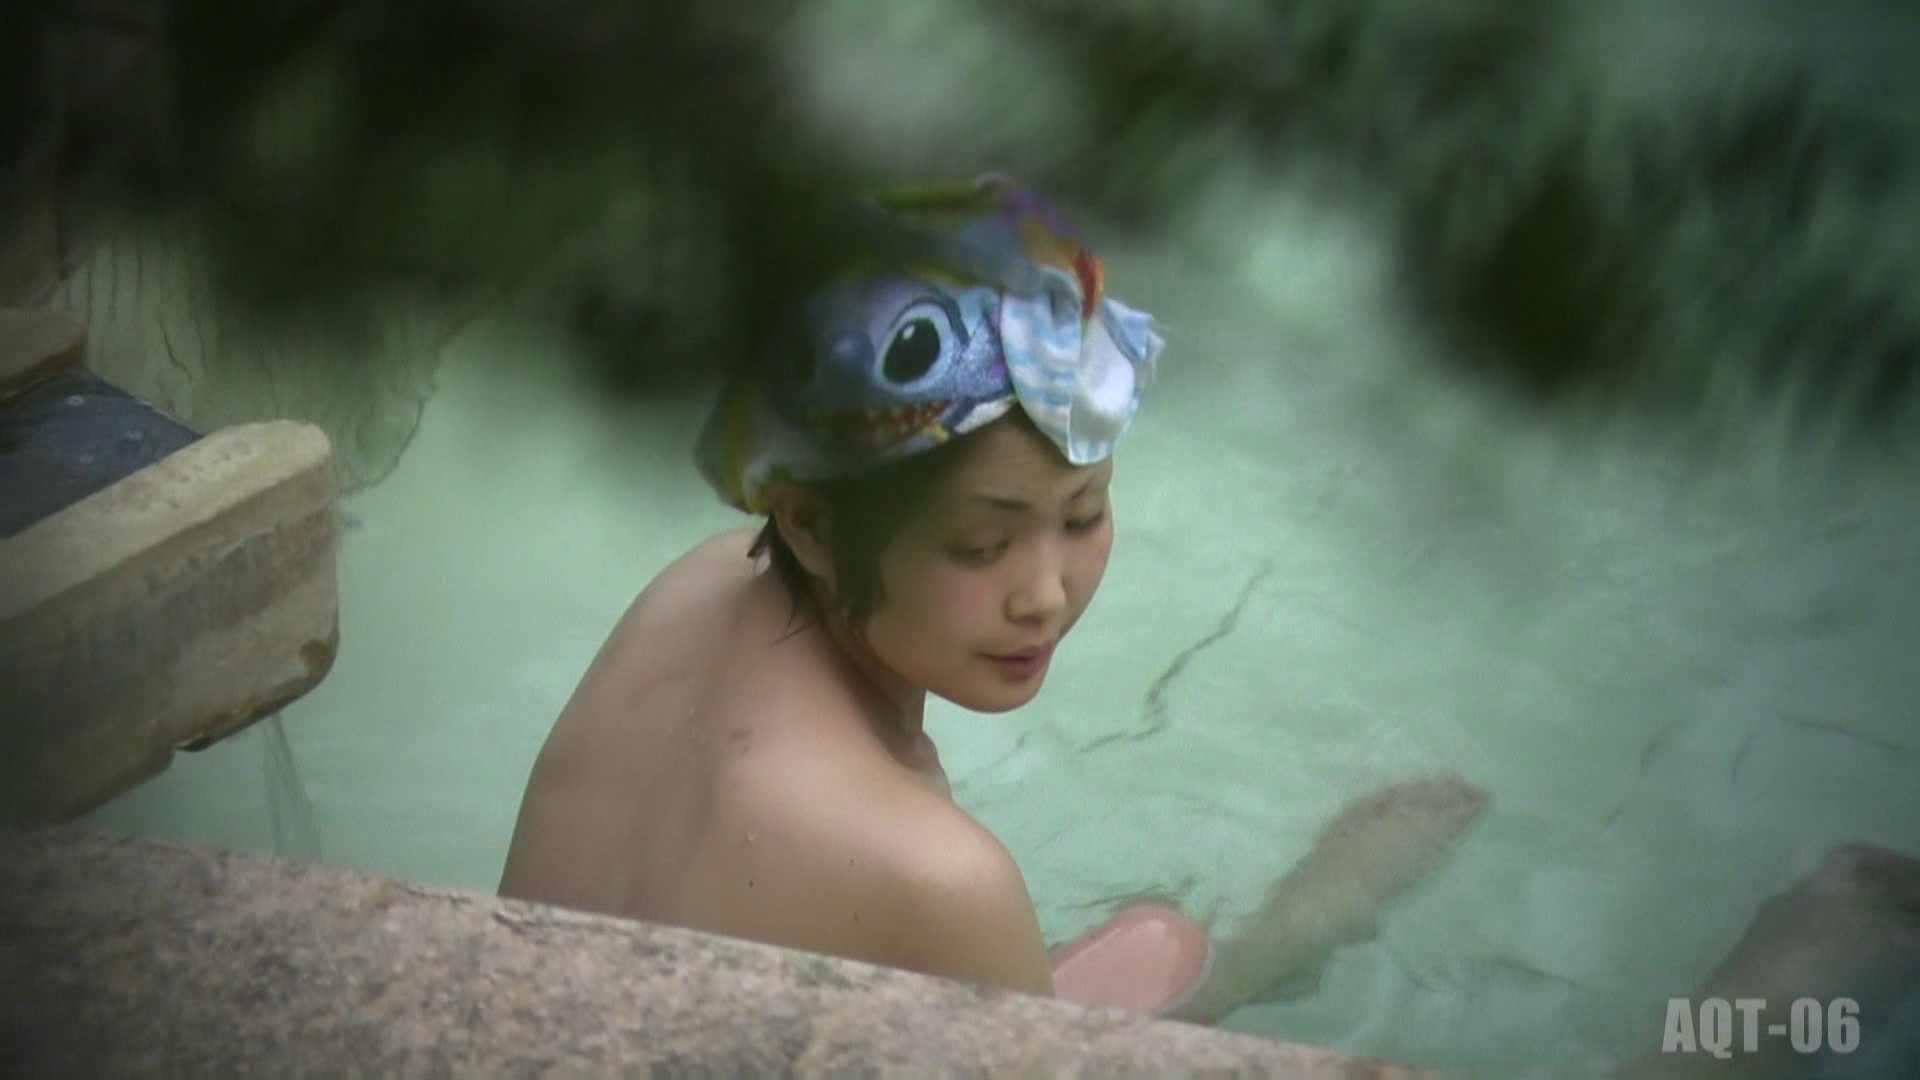 Aquaな露天風呂Vol.761 OLのエロ生活  97連発 45